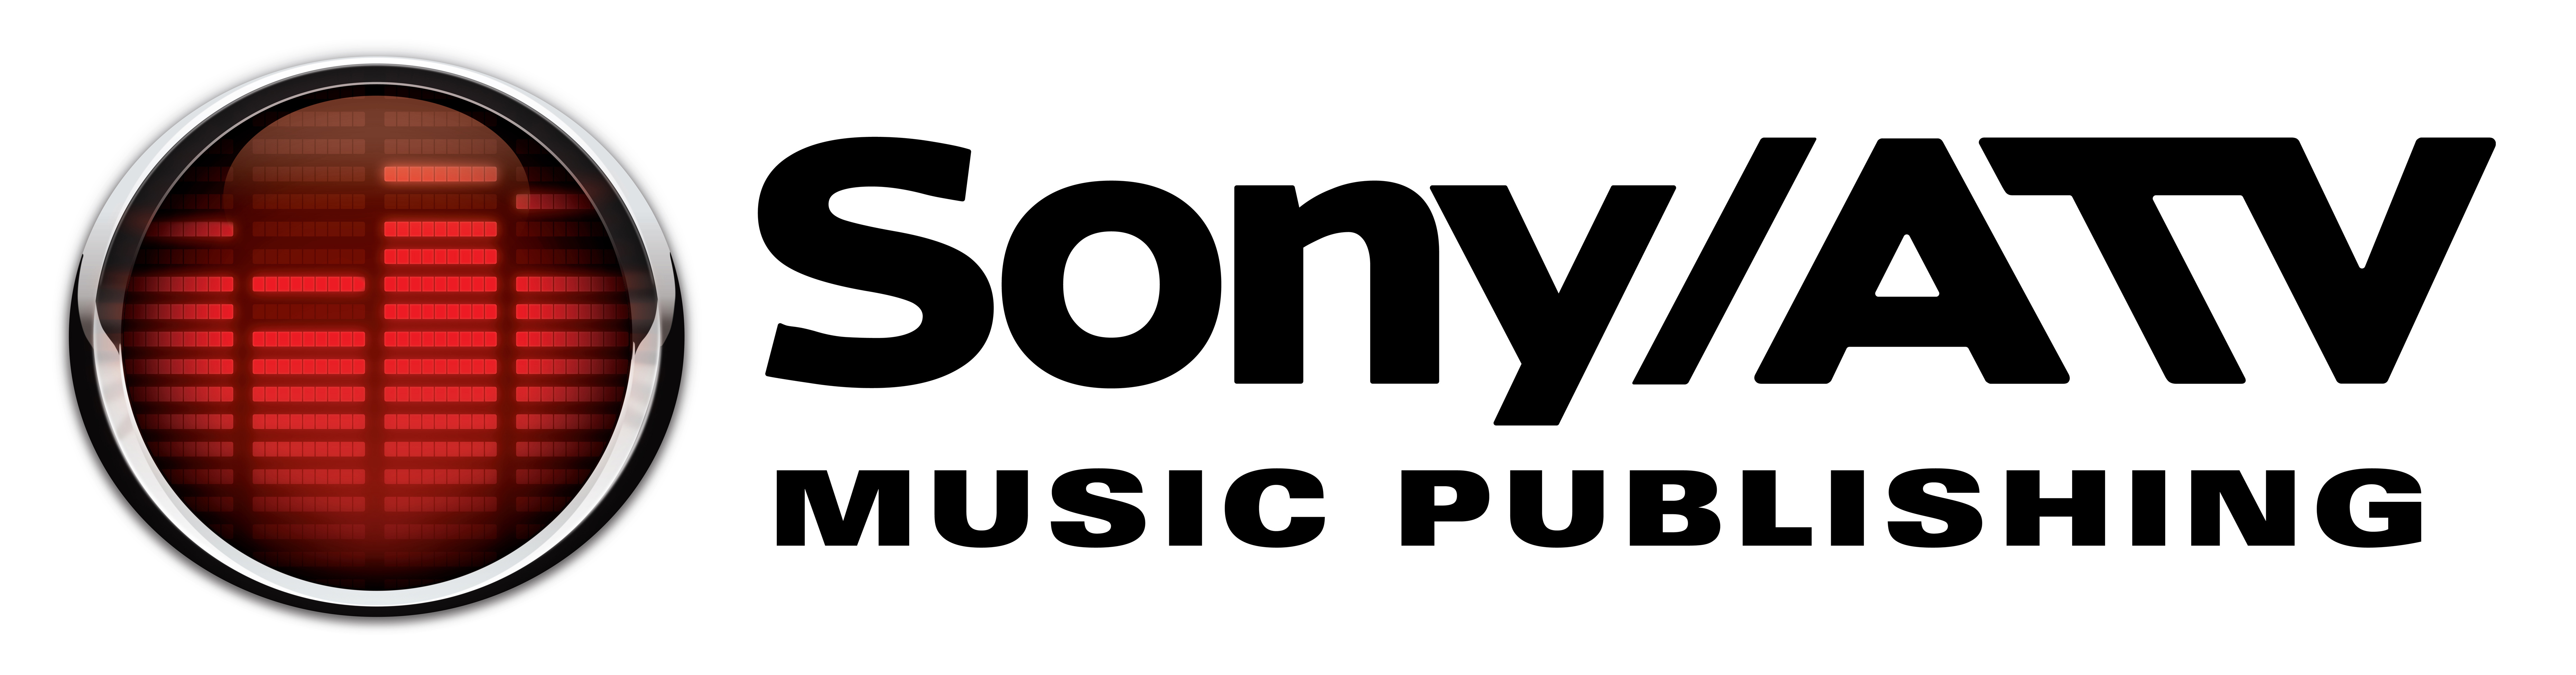 https://mms.businesswire.com/media/20151105005637/en/494948/5/2396459_SonyATV_New_logo_HI_RES.jpg